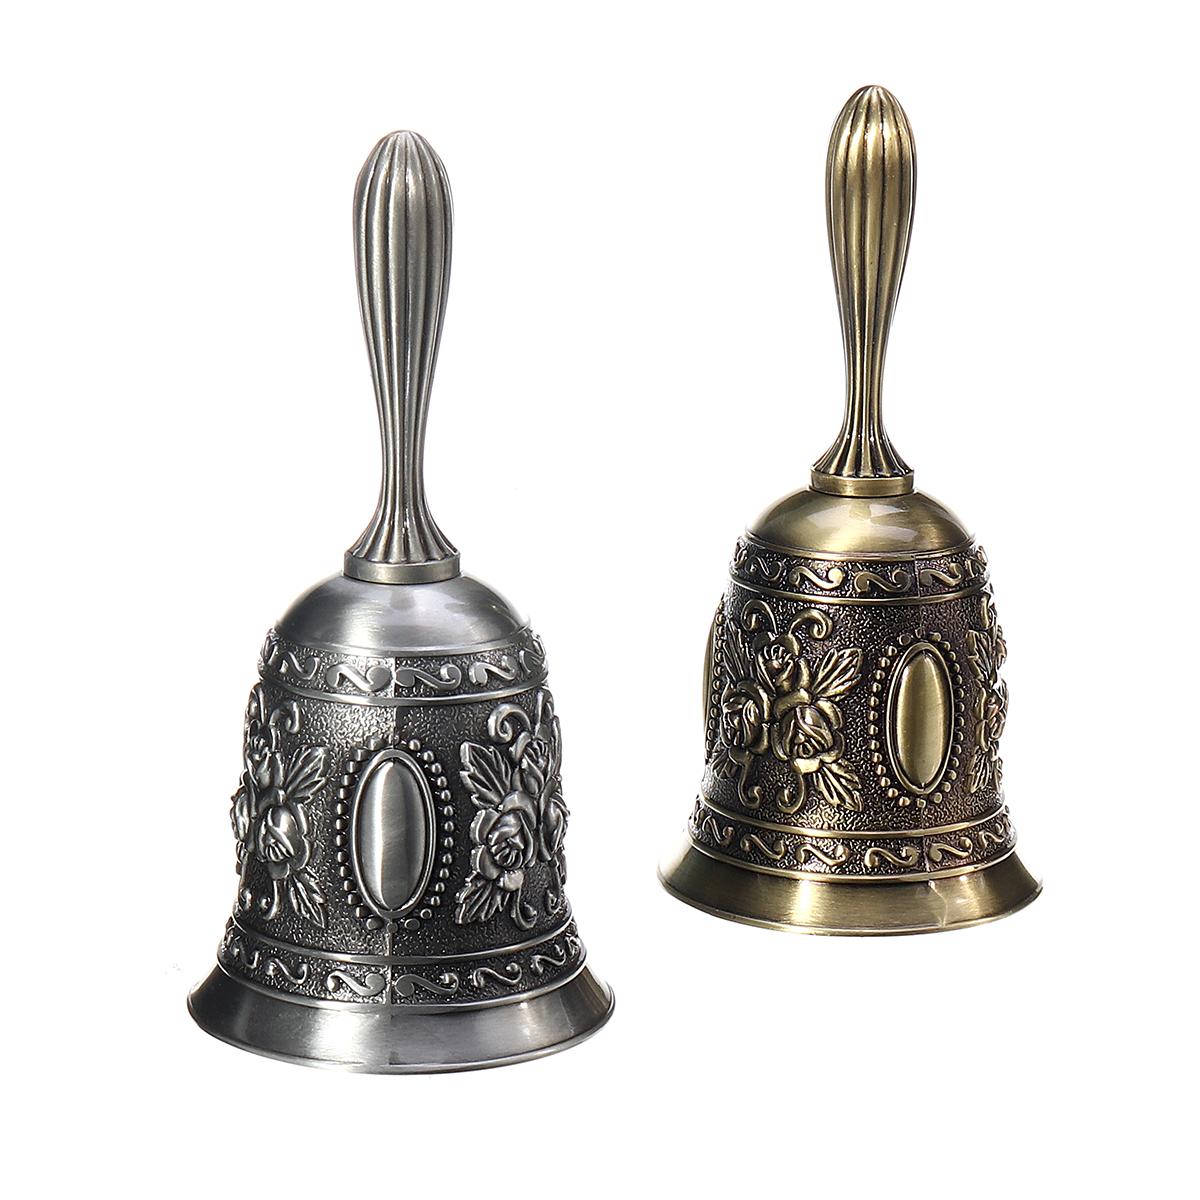 Retro Metal Tone Copper School Dinner Shop Hand Bell Tea Bell Hand Held 2.2x4.5